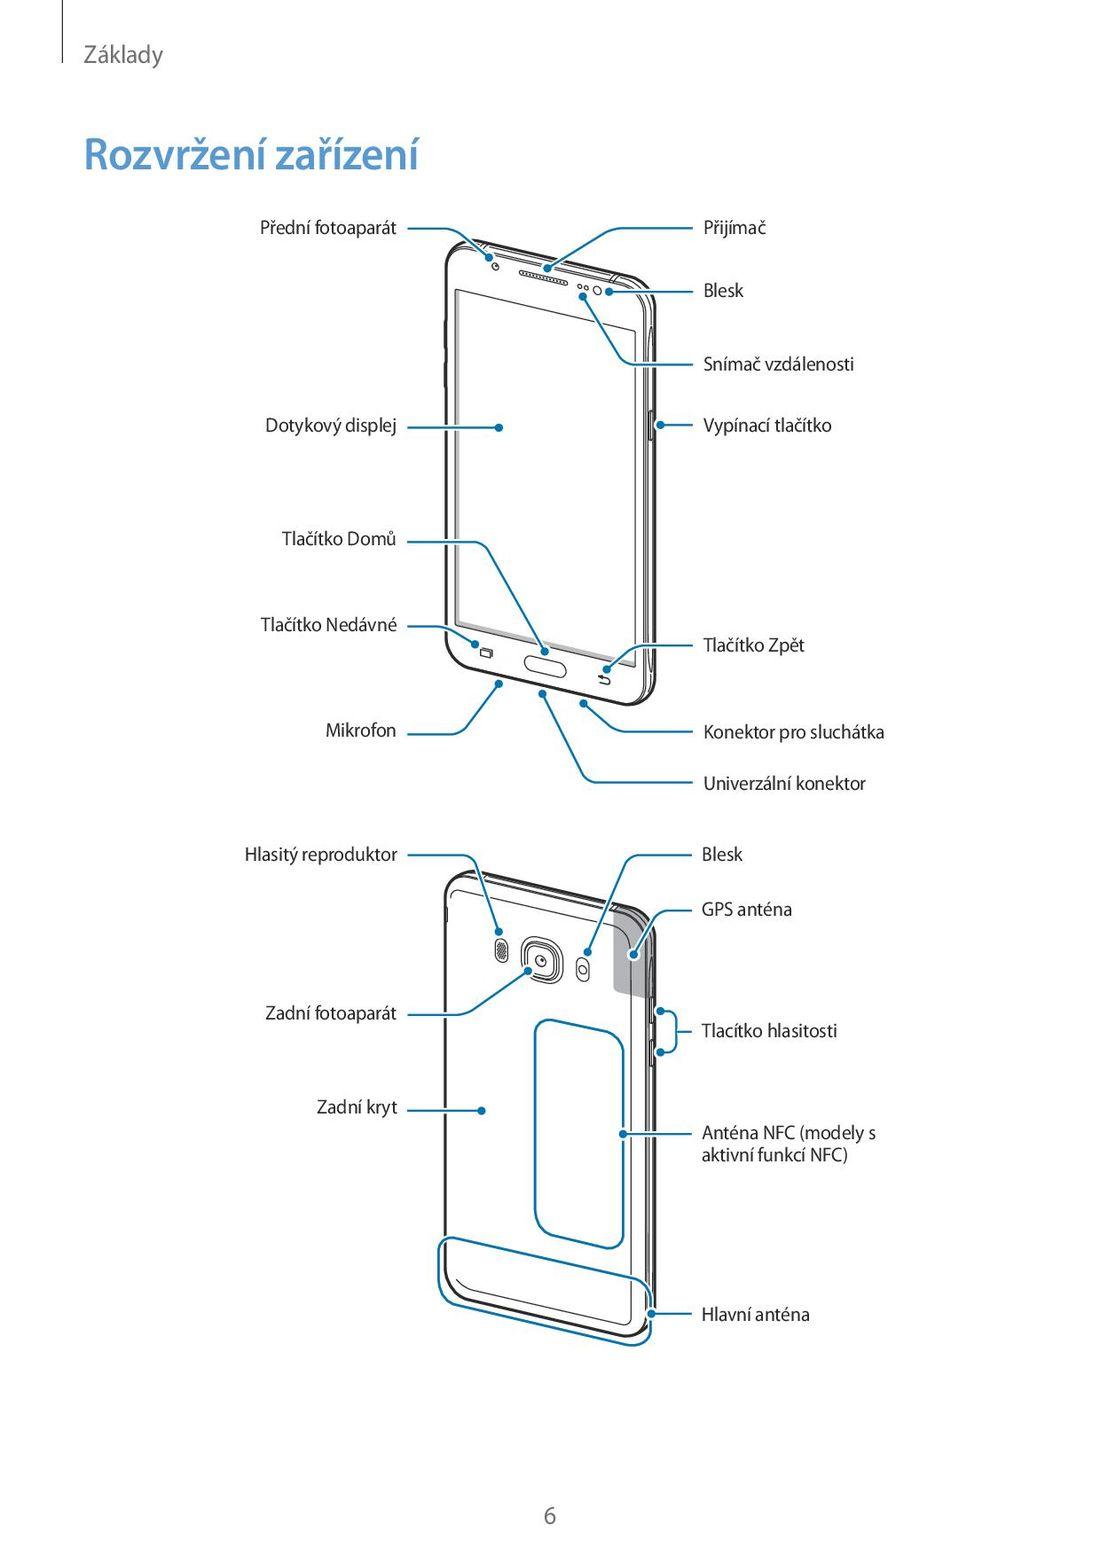 Uživatelská příručka Samsung Galaxy J5 2016 (J510) Duos